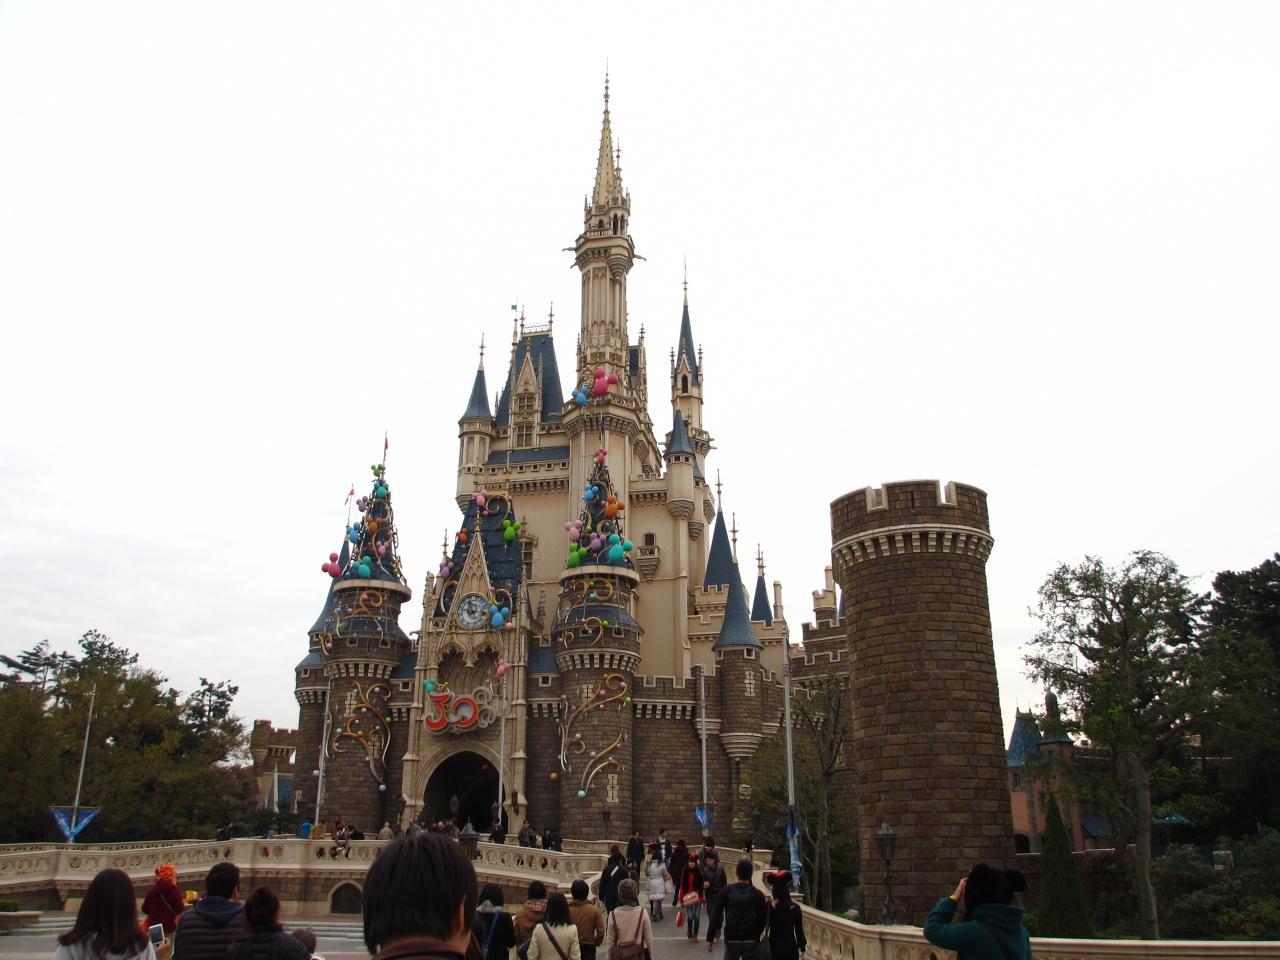 2013年 東京ディズニーランド クリスマスを楽しむ』東京ディズニー